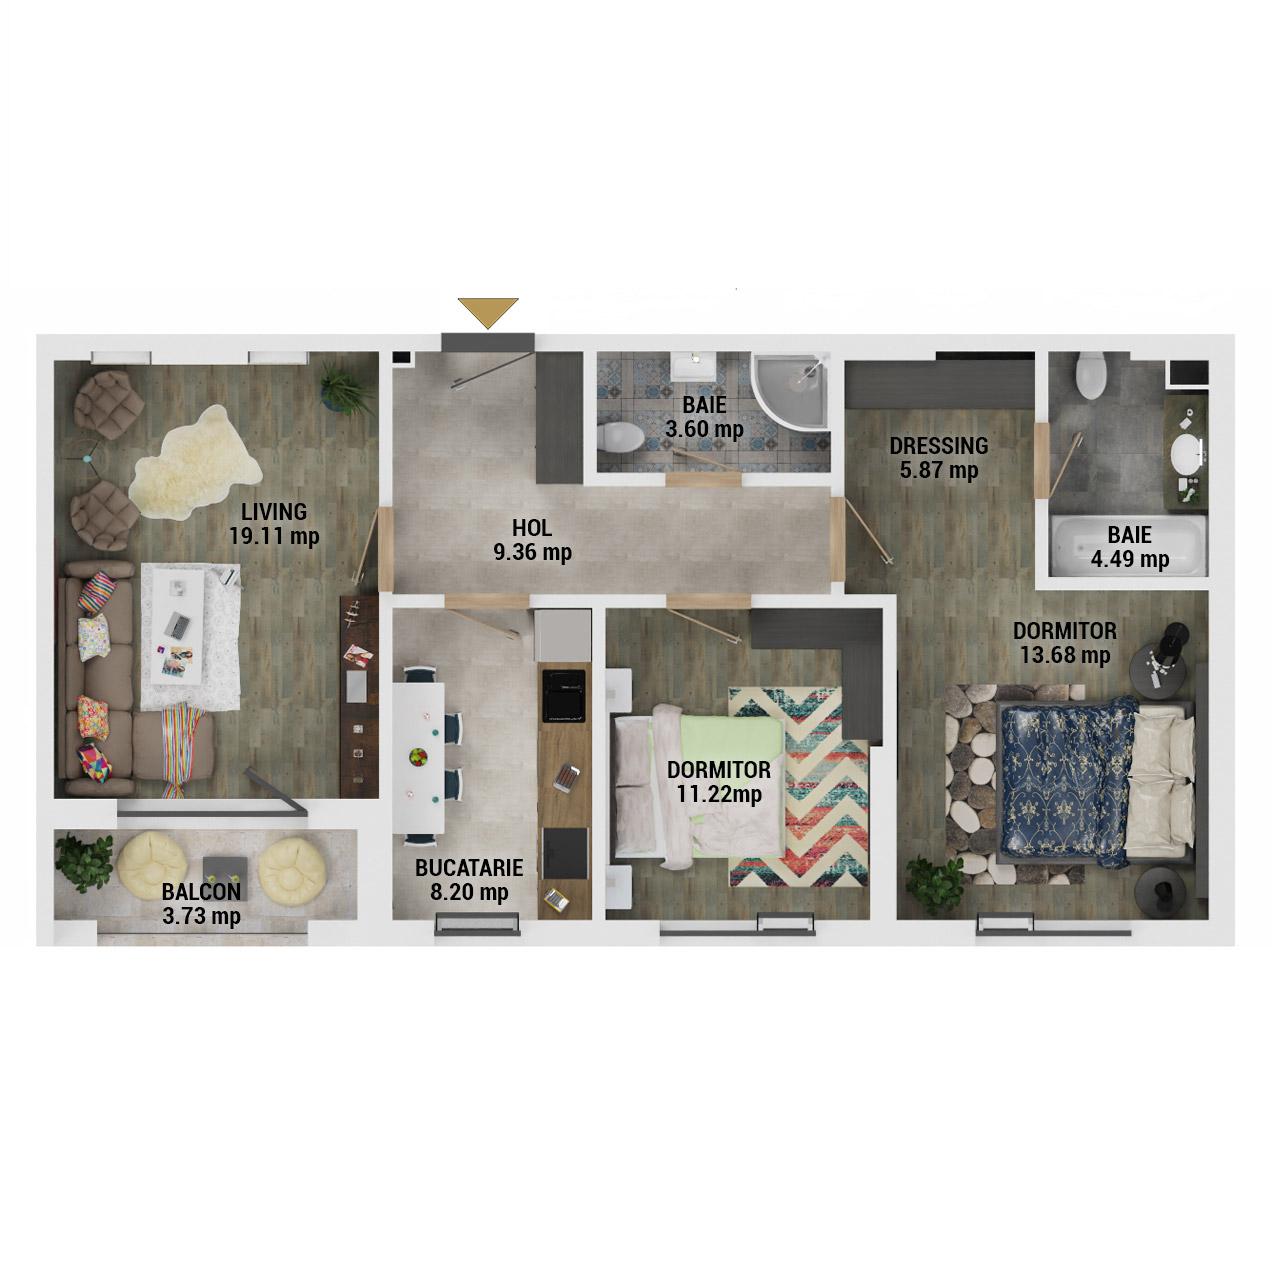 Apartamente 3 camere de vanzare Bucuresti - Uverturii Residence - Militari - Lujerului - Gorjului - Tip 1 - T2 - D